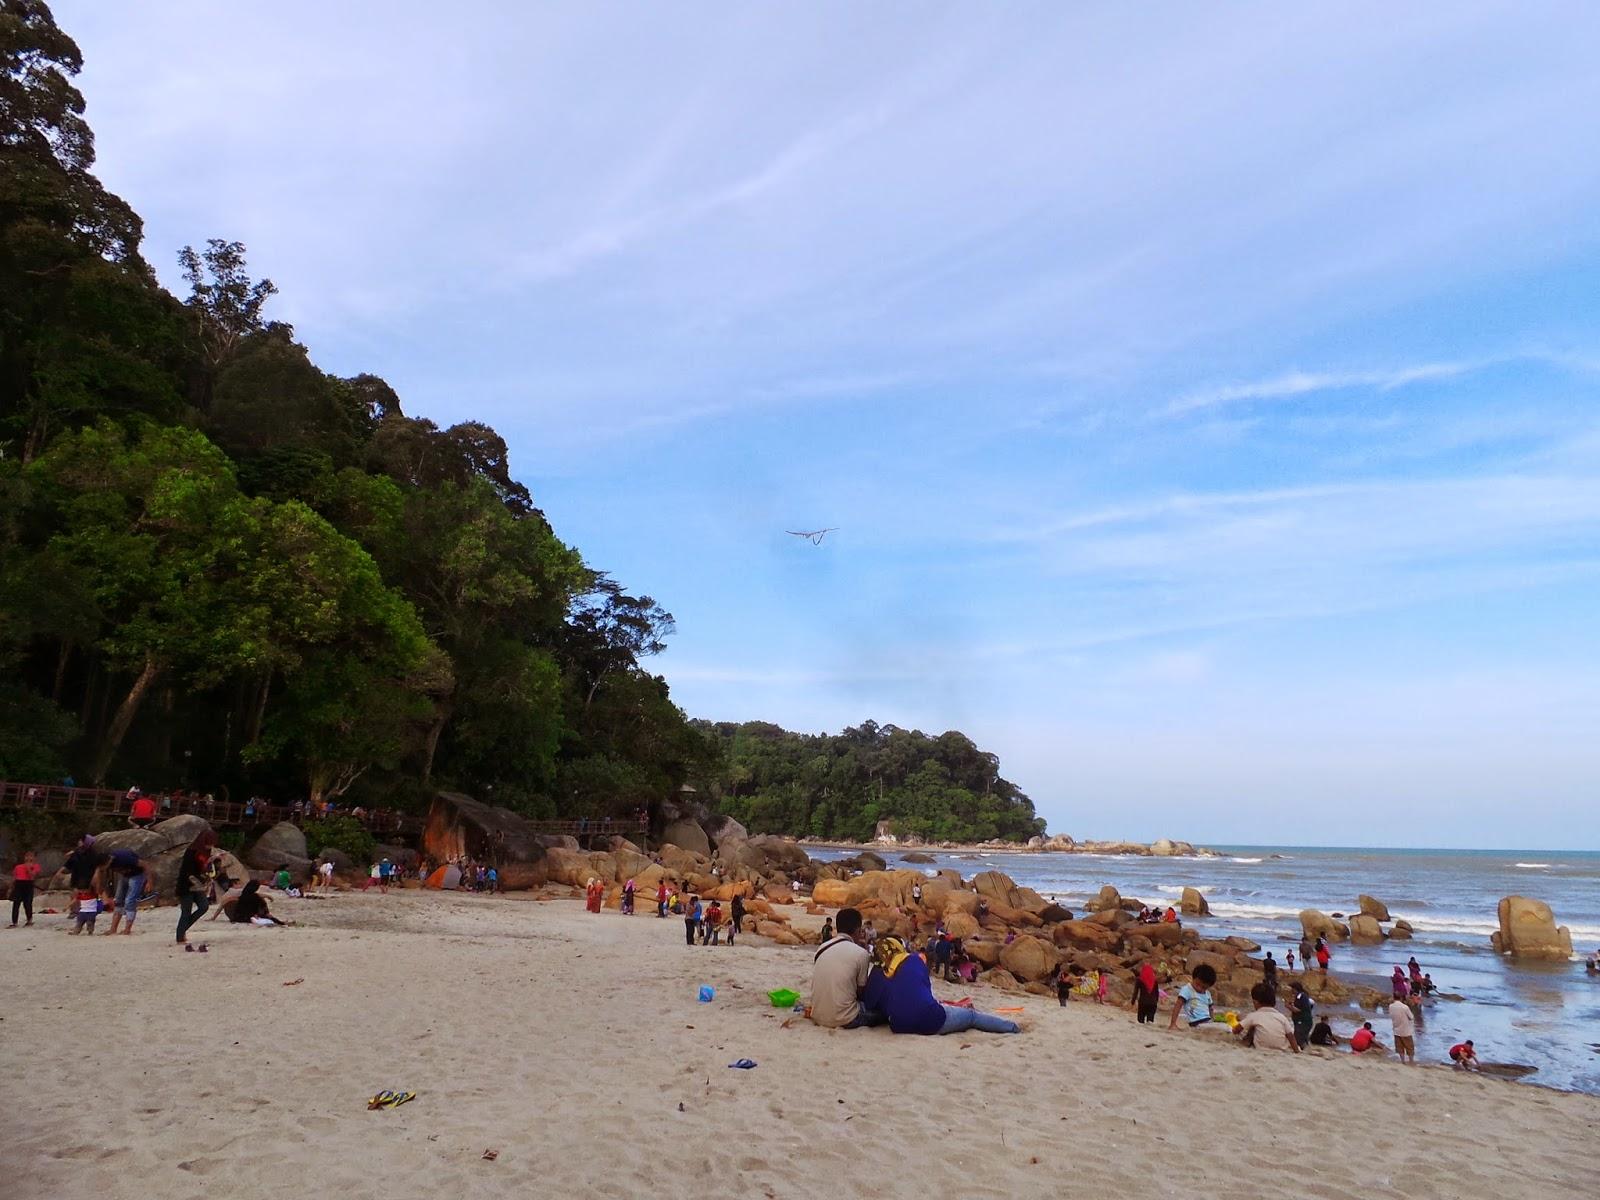 讓生活更快樂: 關丹景點@Telok Cempedak大石頭海邊